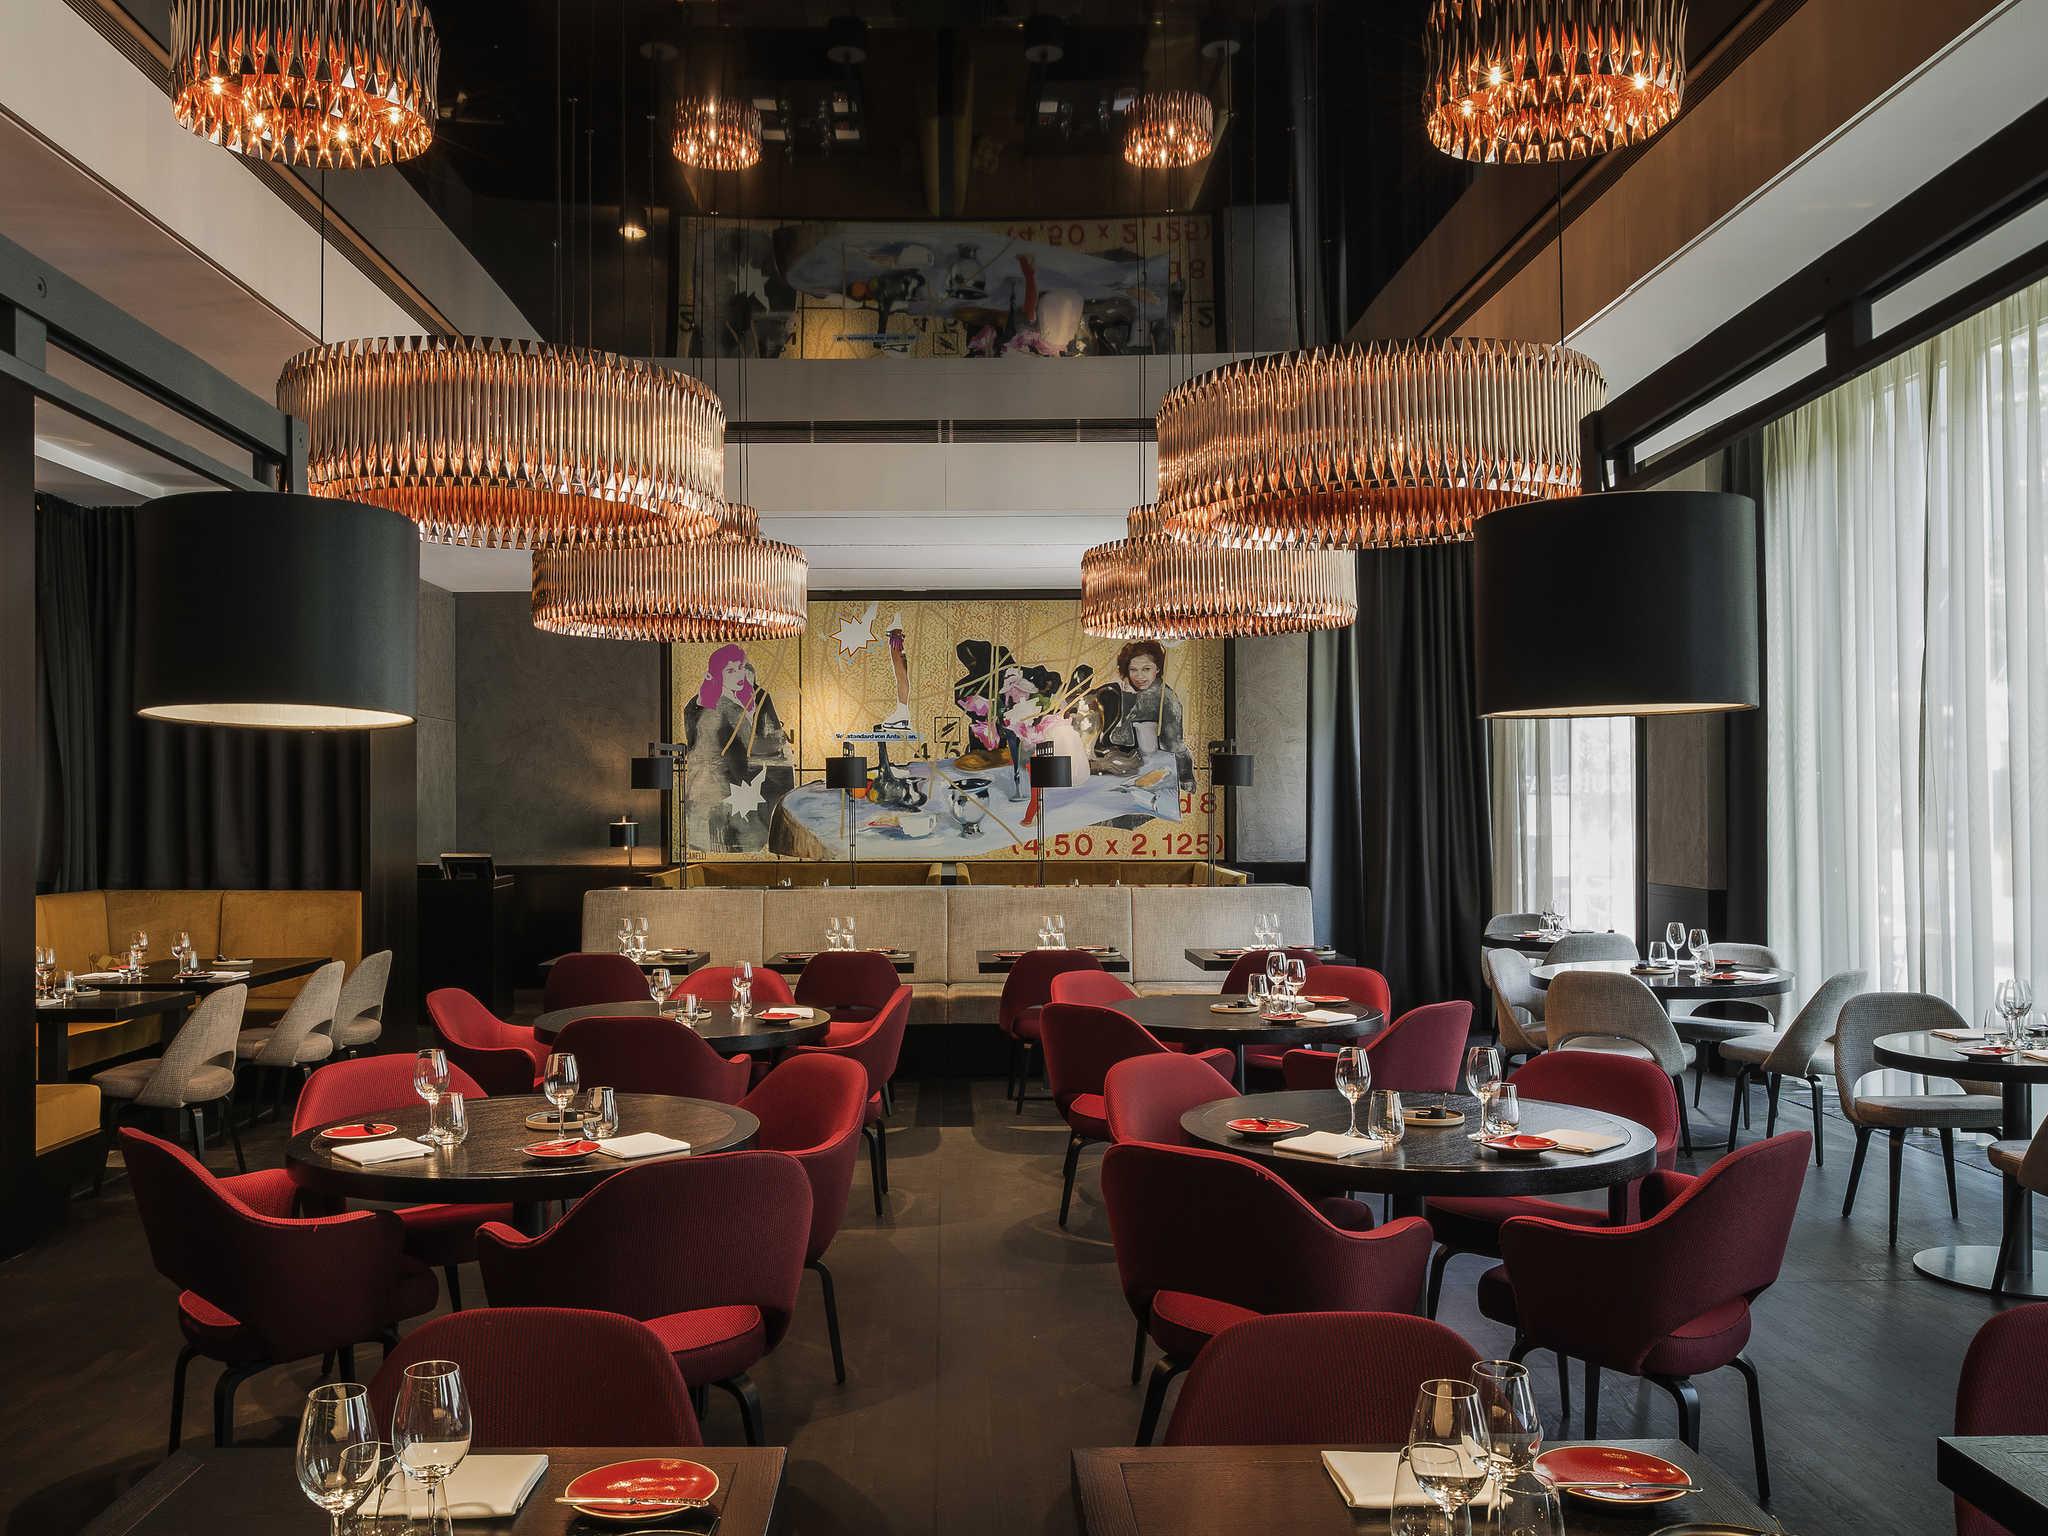 فندق - سوفيتل Sofitel برلين كورفورستاندام